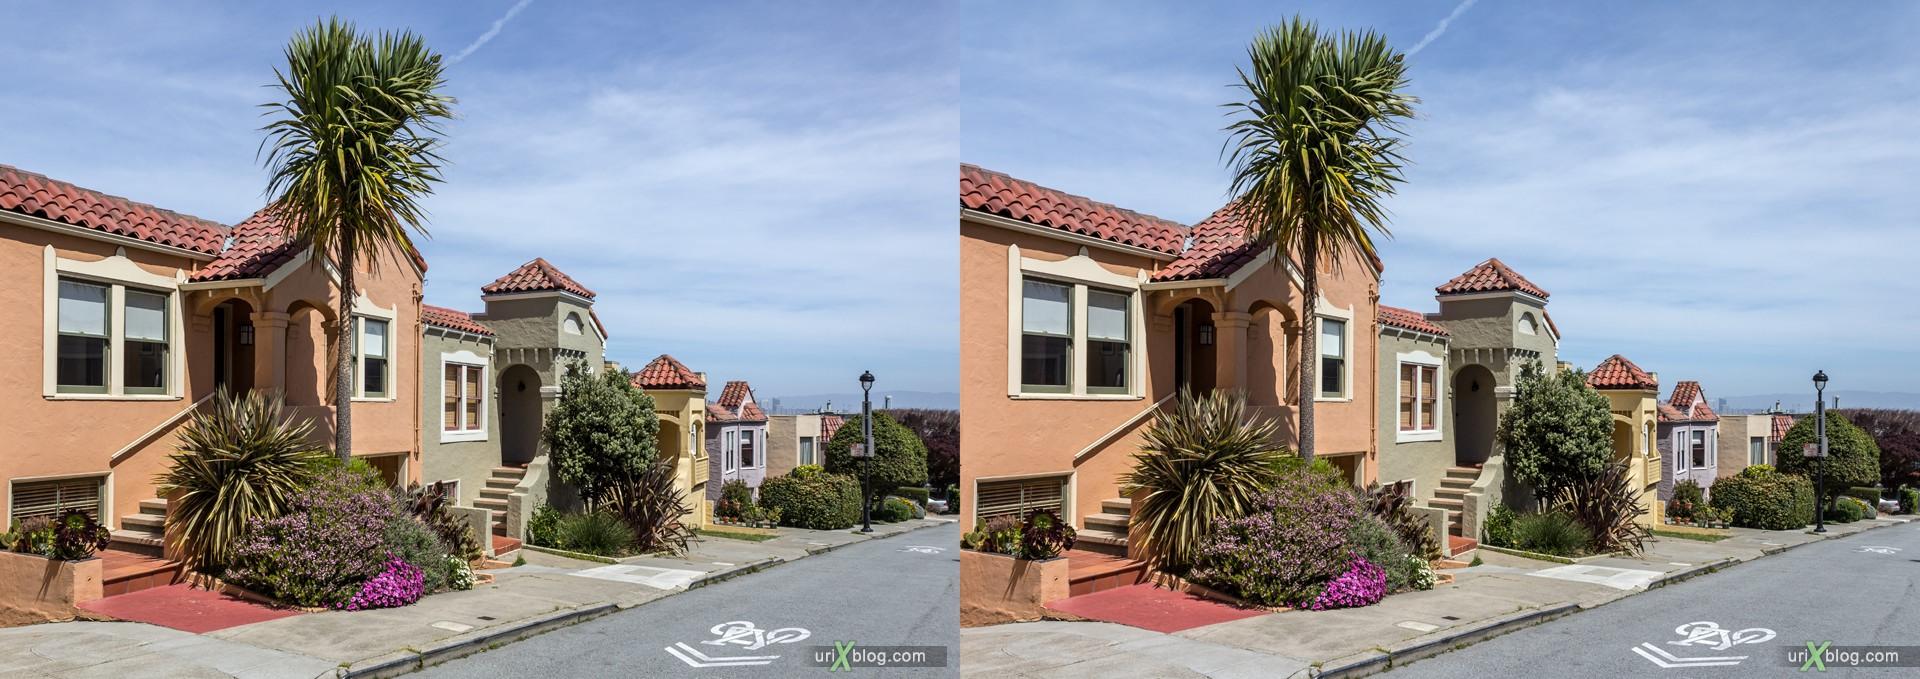 2013, Твин Пикс, Сан-Франциско, США, 3D, перекрёстные стереопары, стерео, стереопара, стереопары